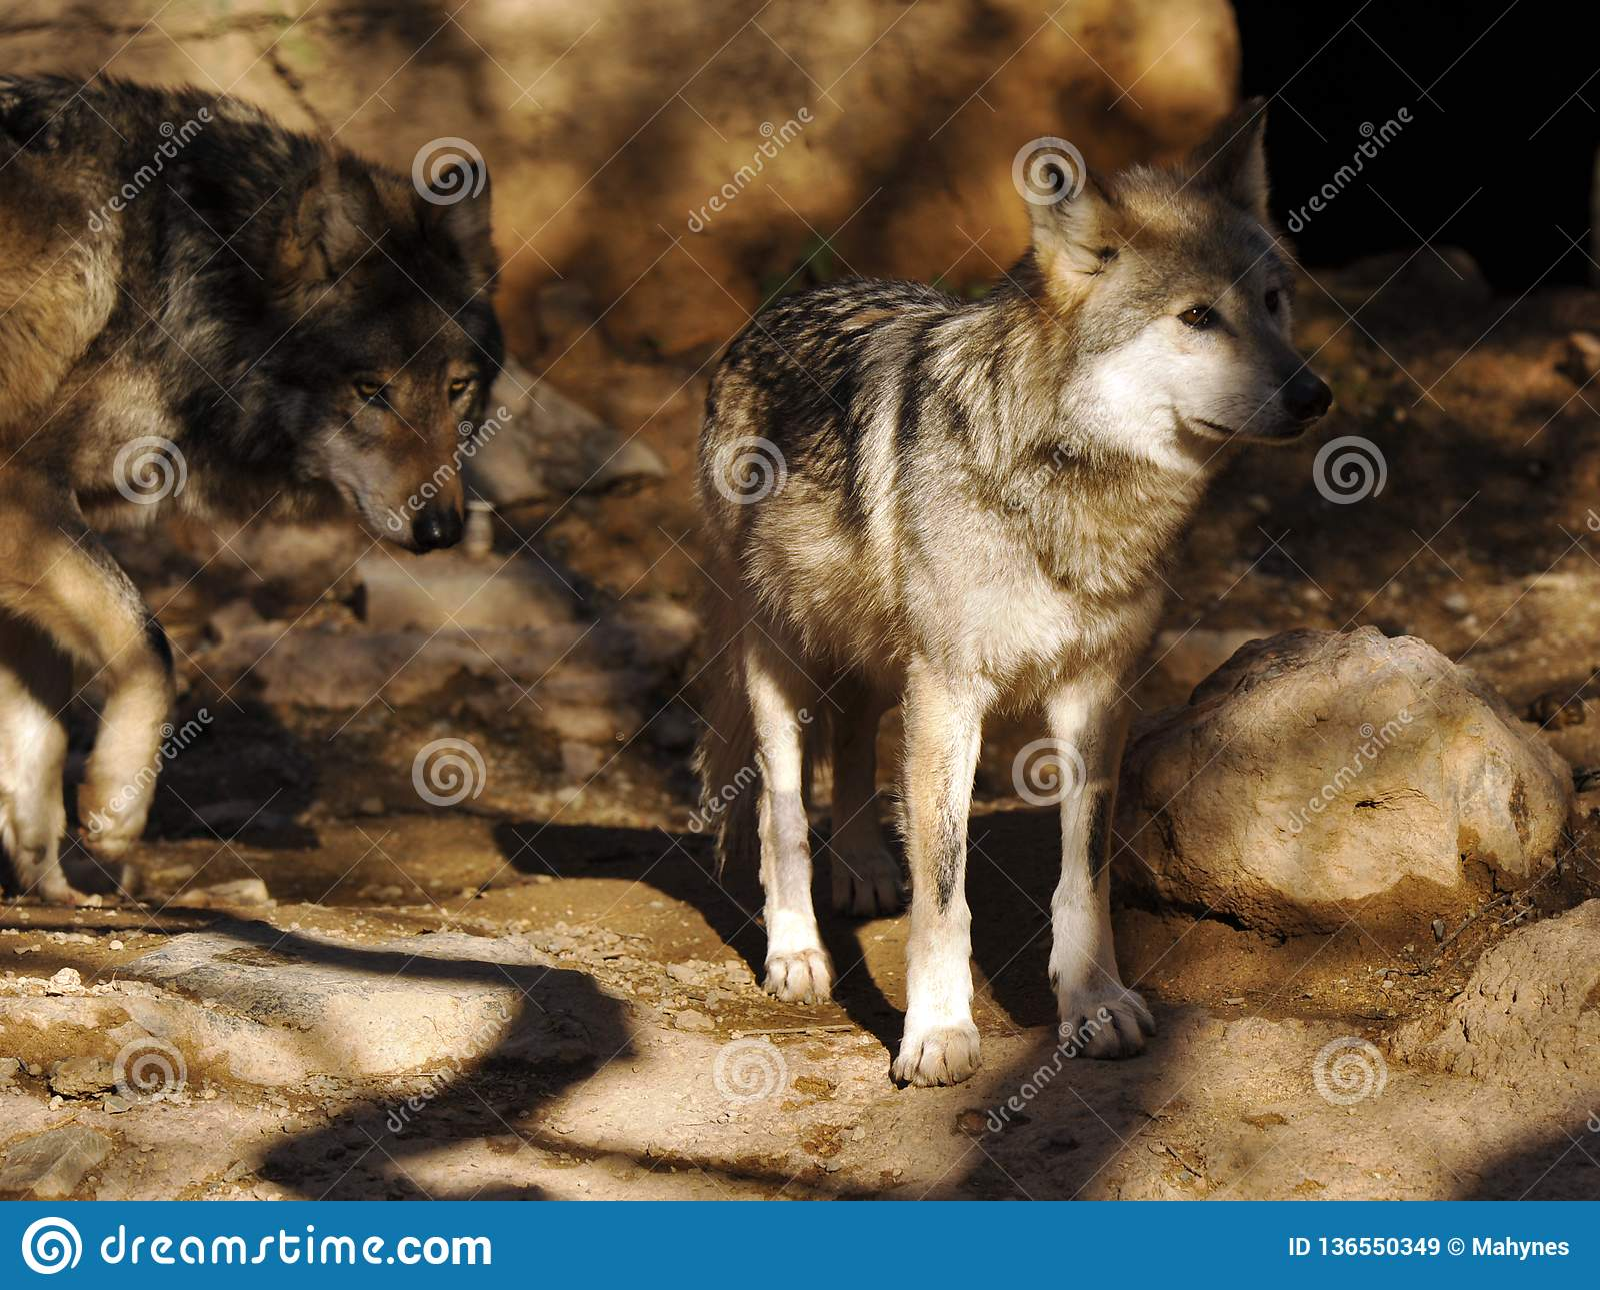 关闭墨西哥灰狼对有单色背景